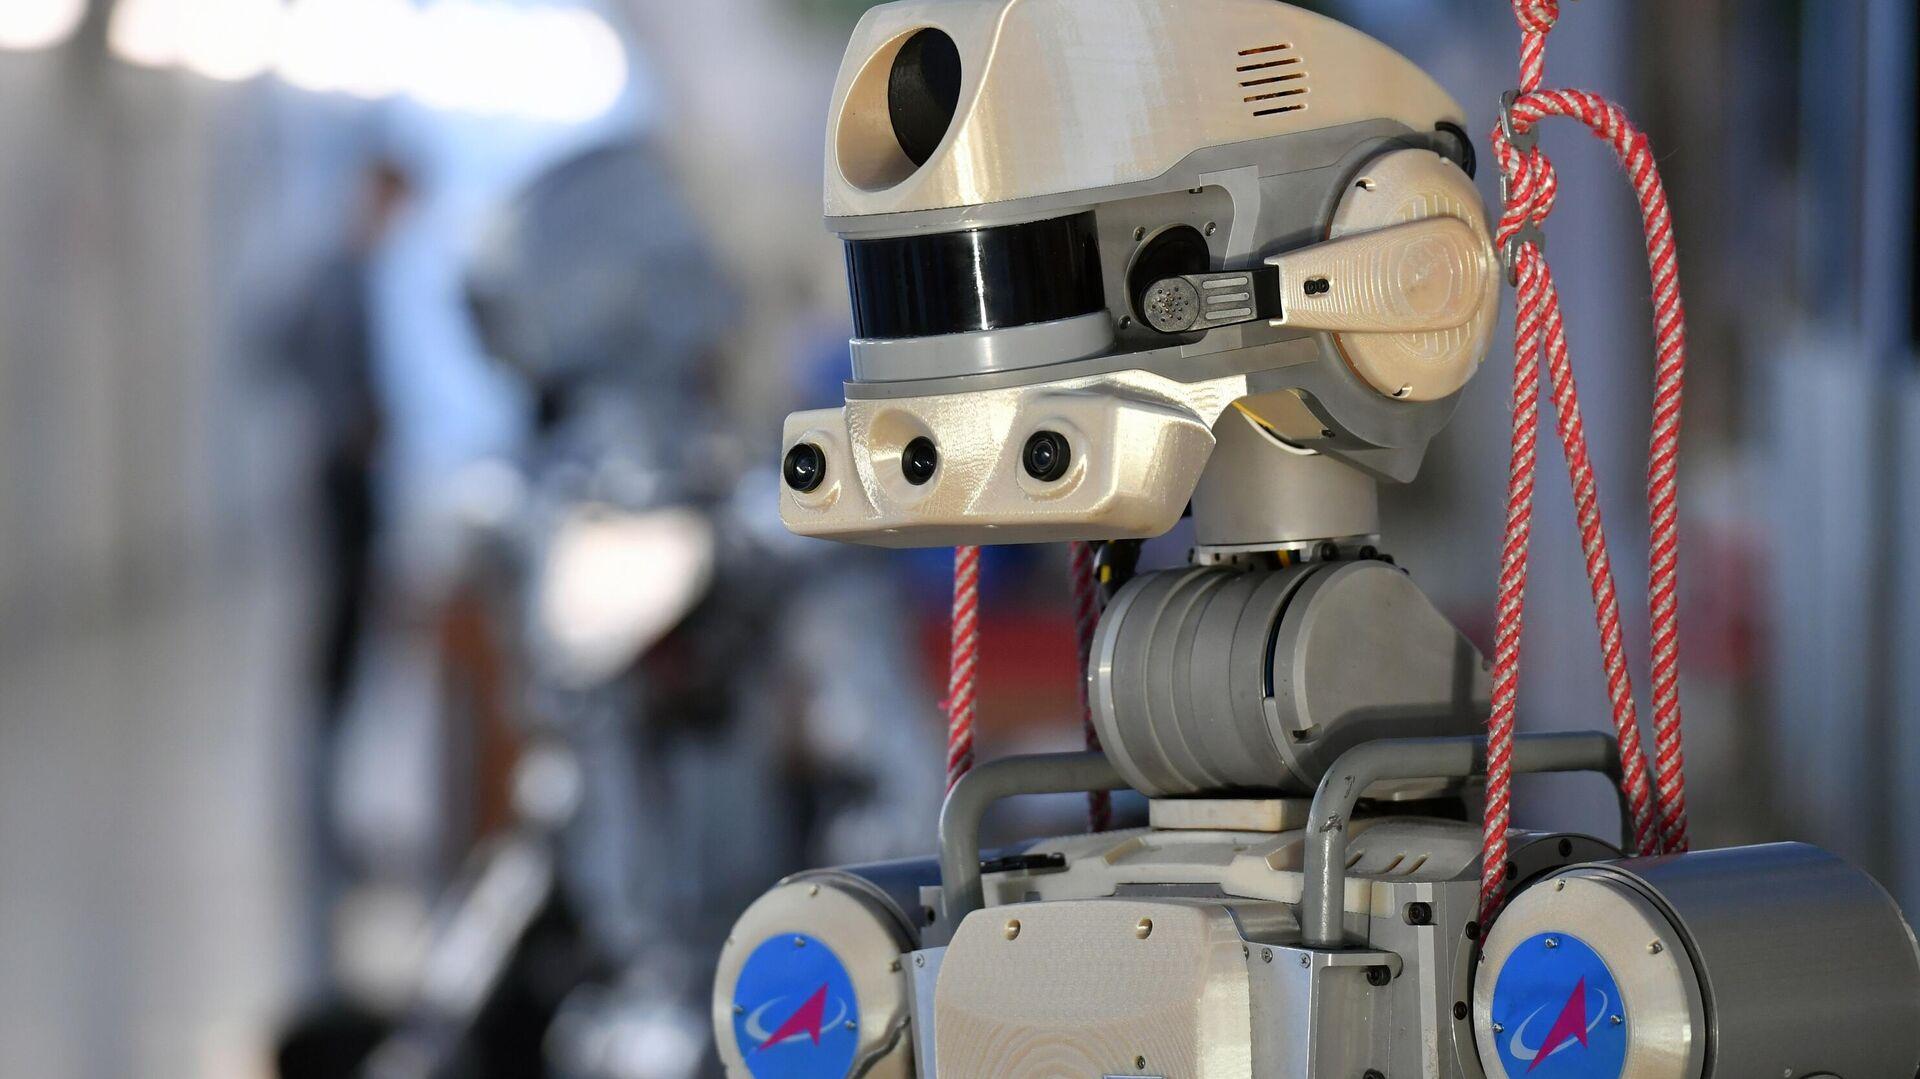 Антропоморфный робот SKYBOT F-850 Фёдор, представленный на XIII Международной научно-практической конференции Пилотируемые полёты в космос - РИА Новости, 1920, 11.10.2020